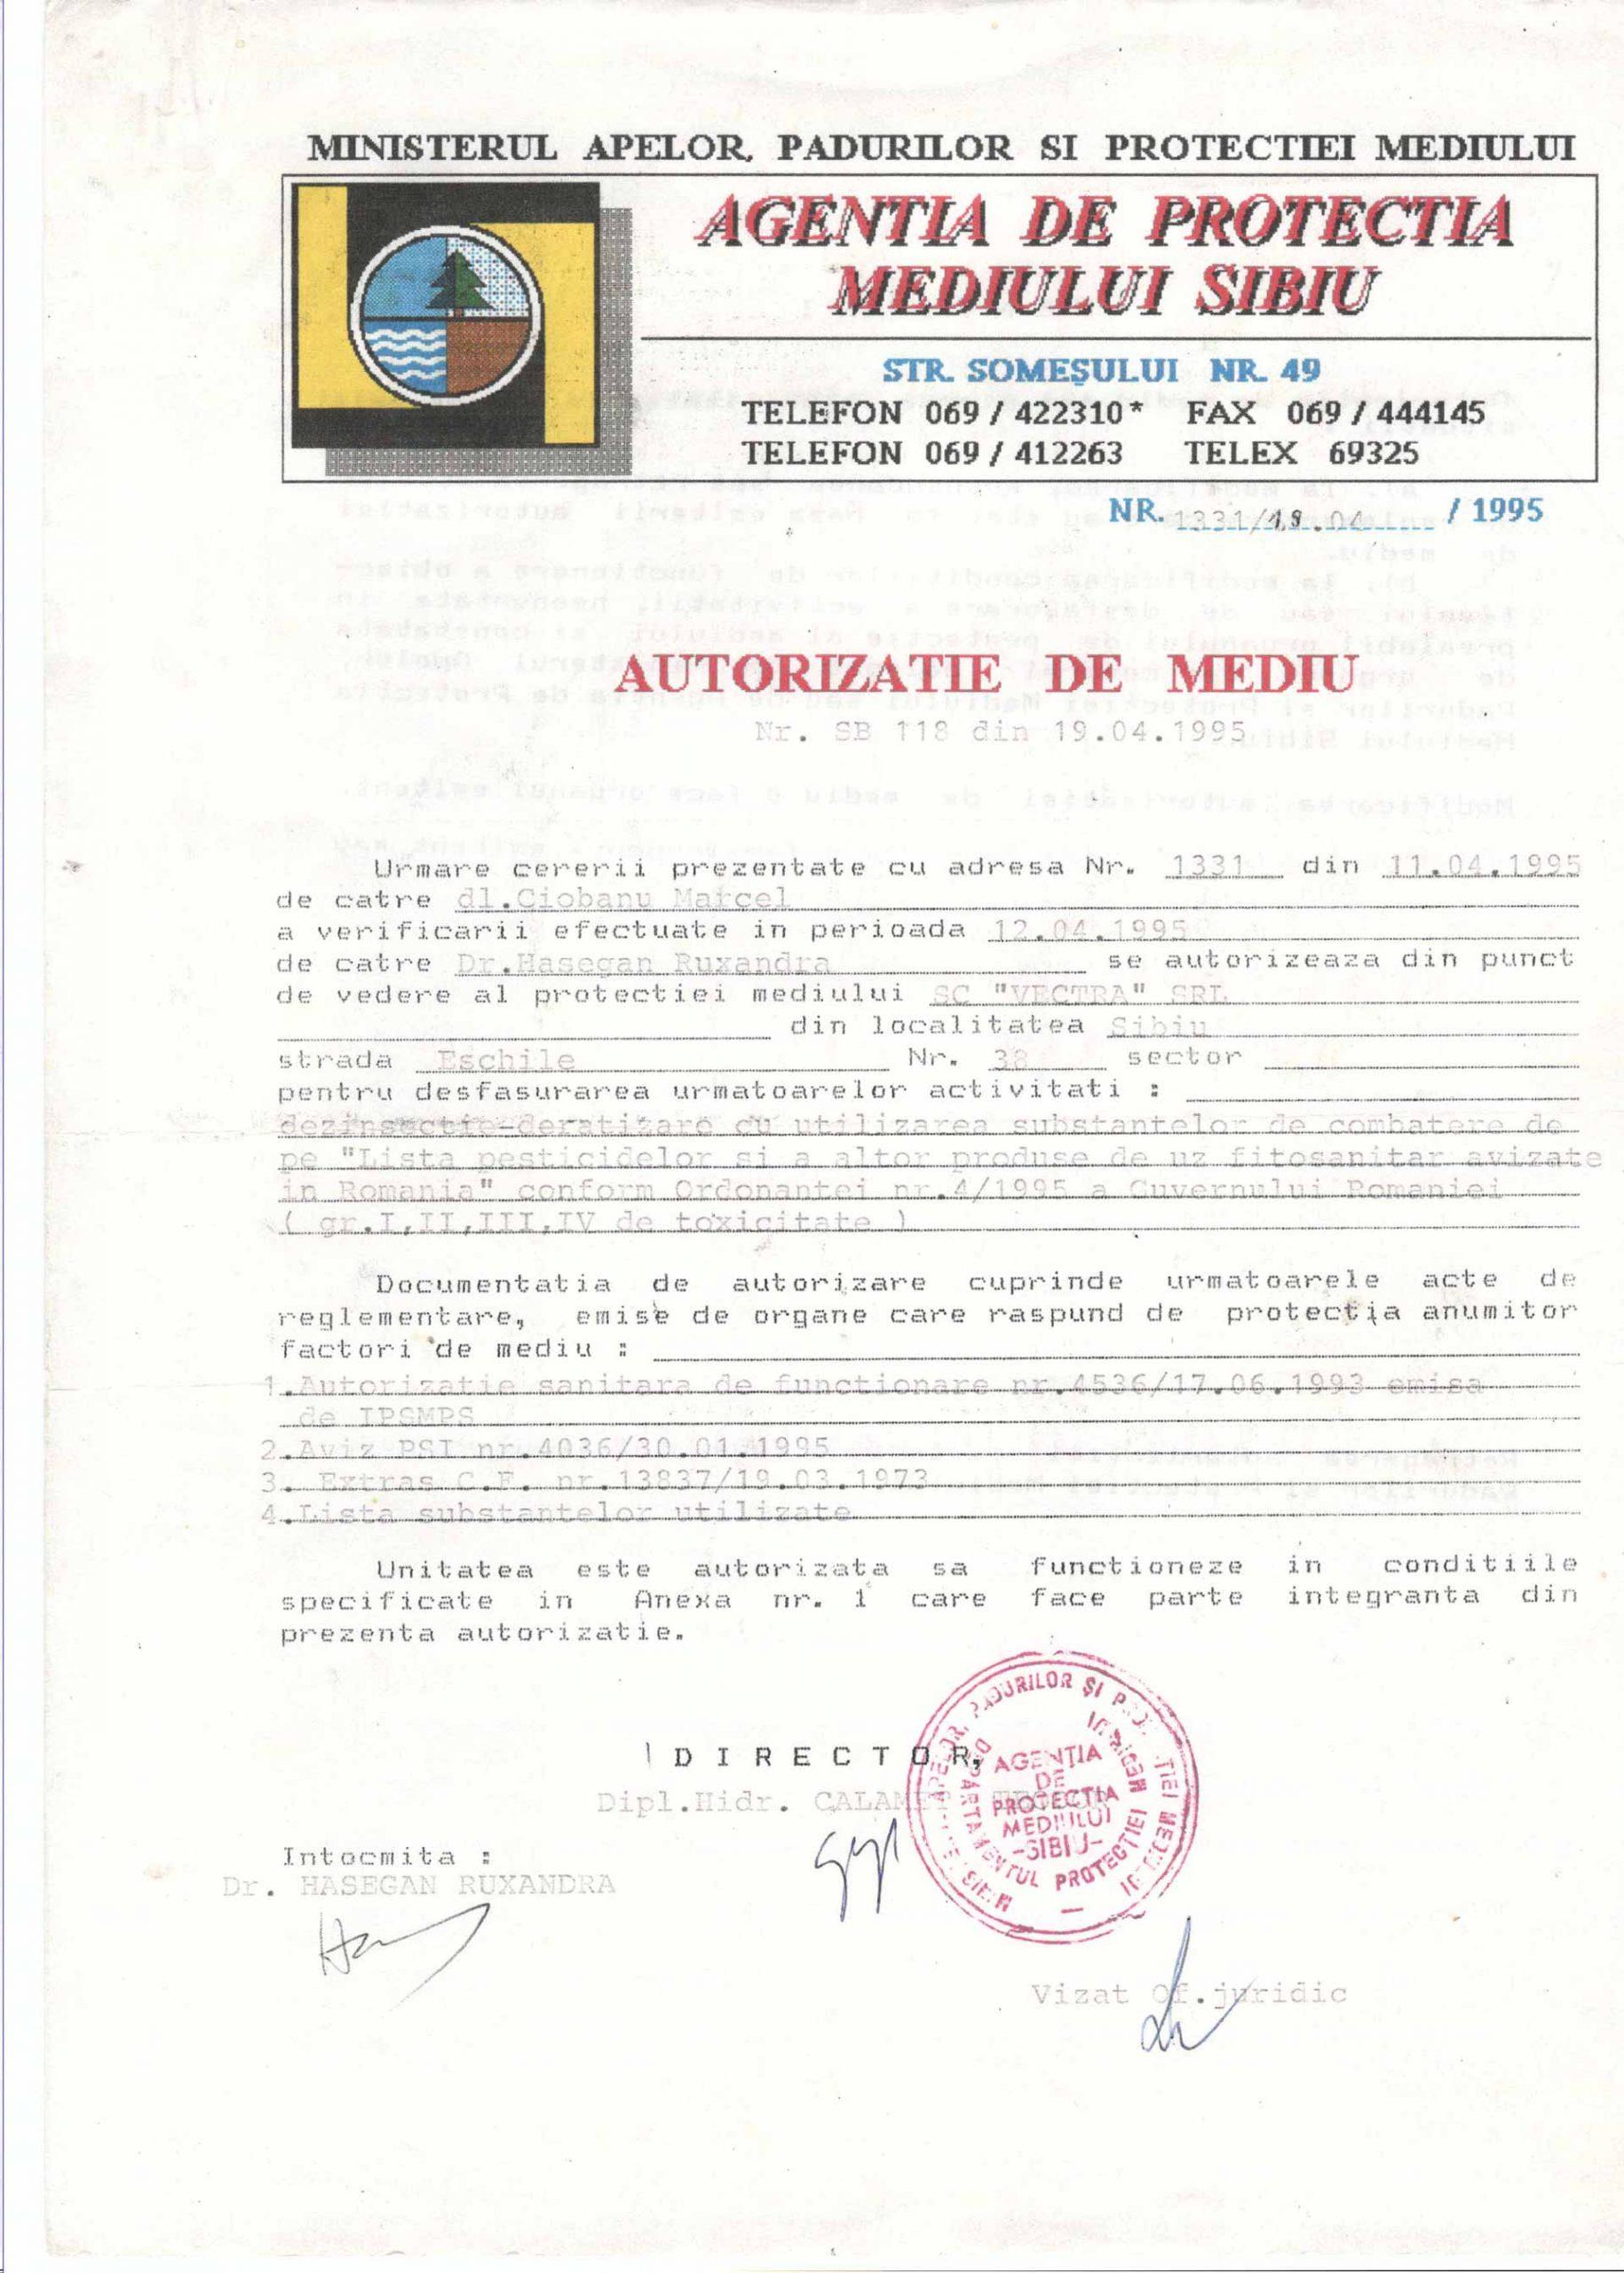 Autorizatia-de-mediu-2